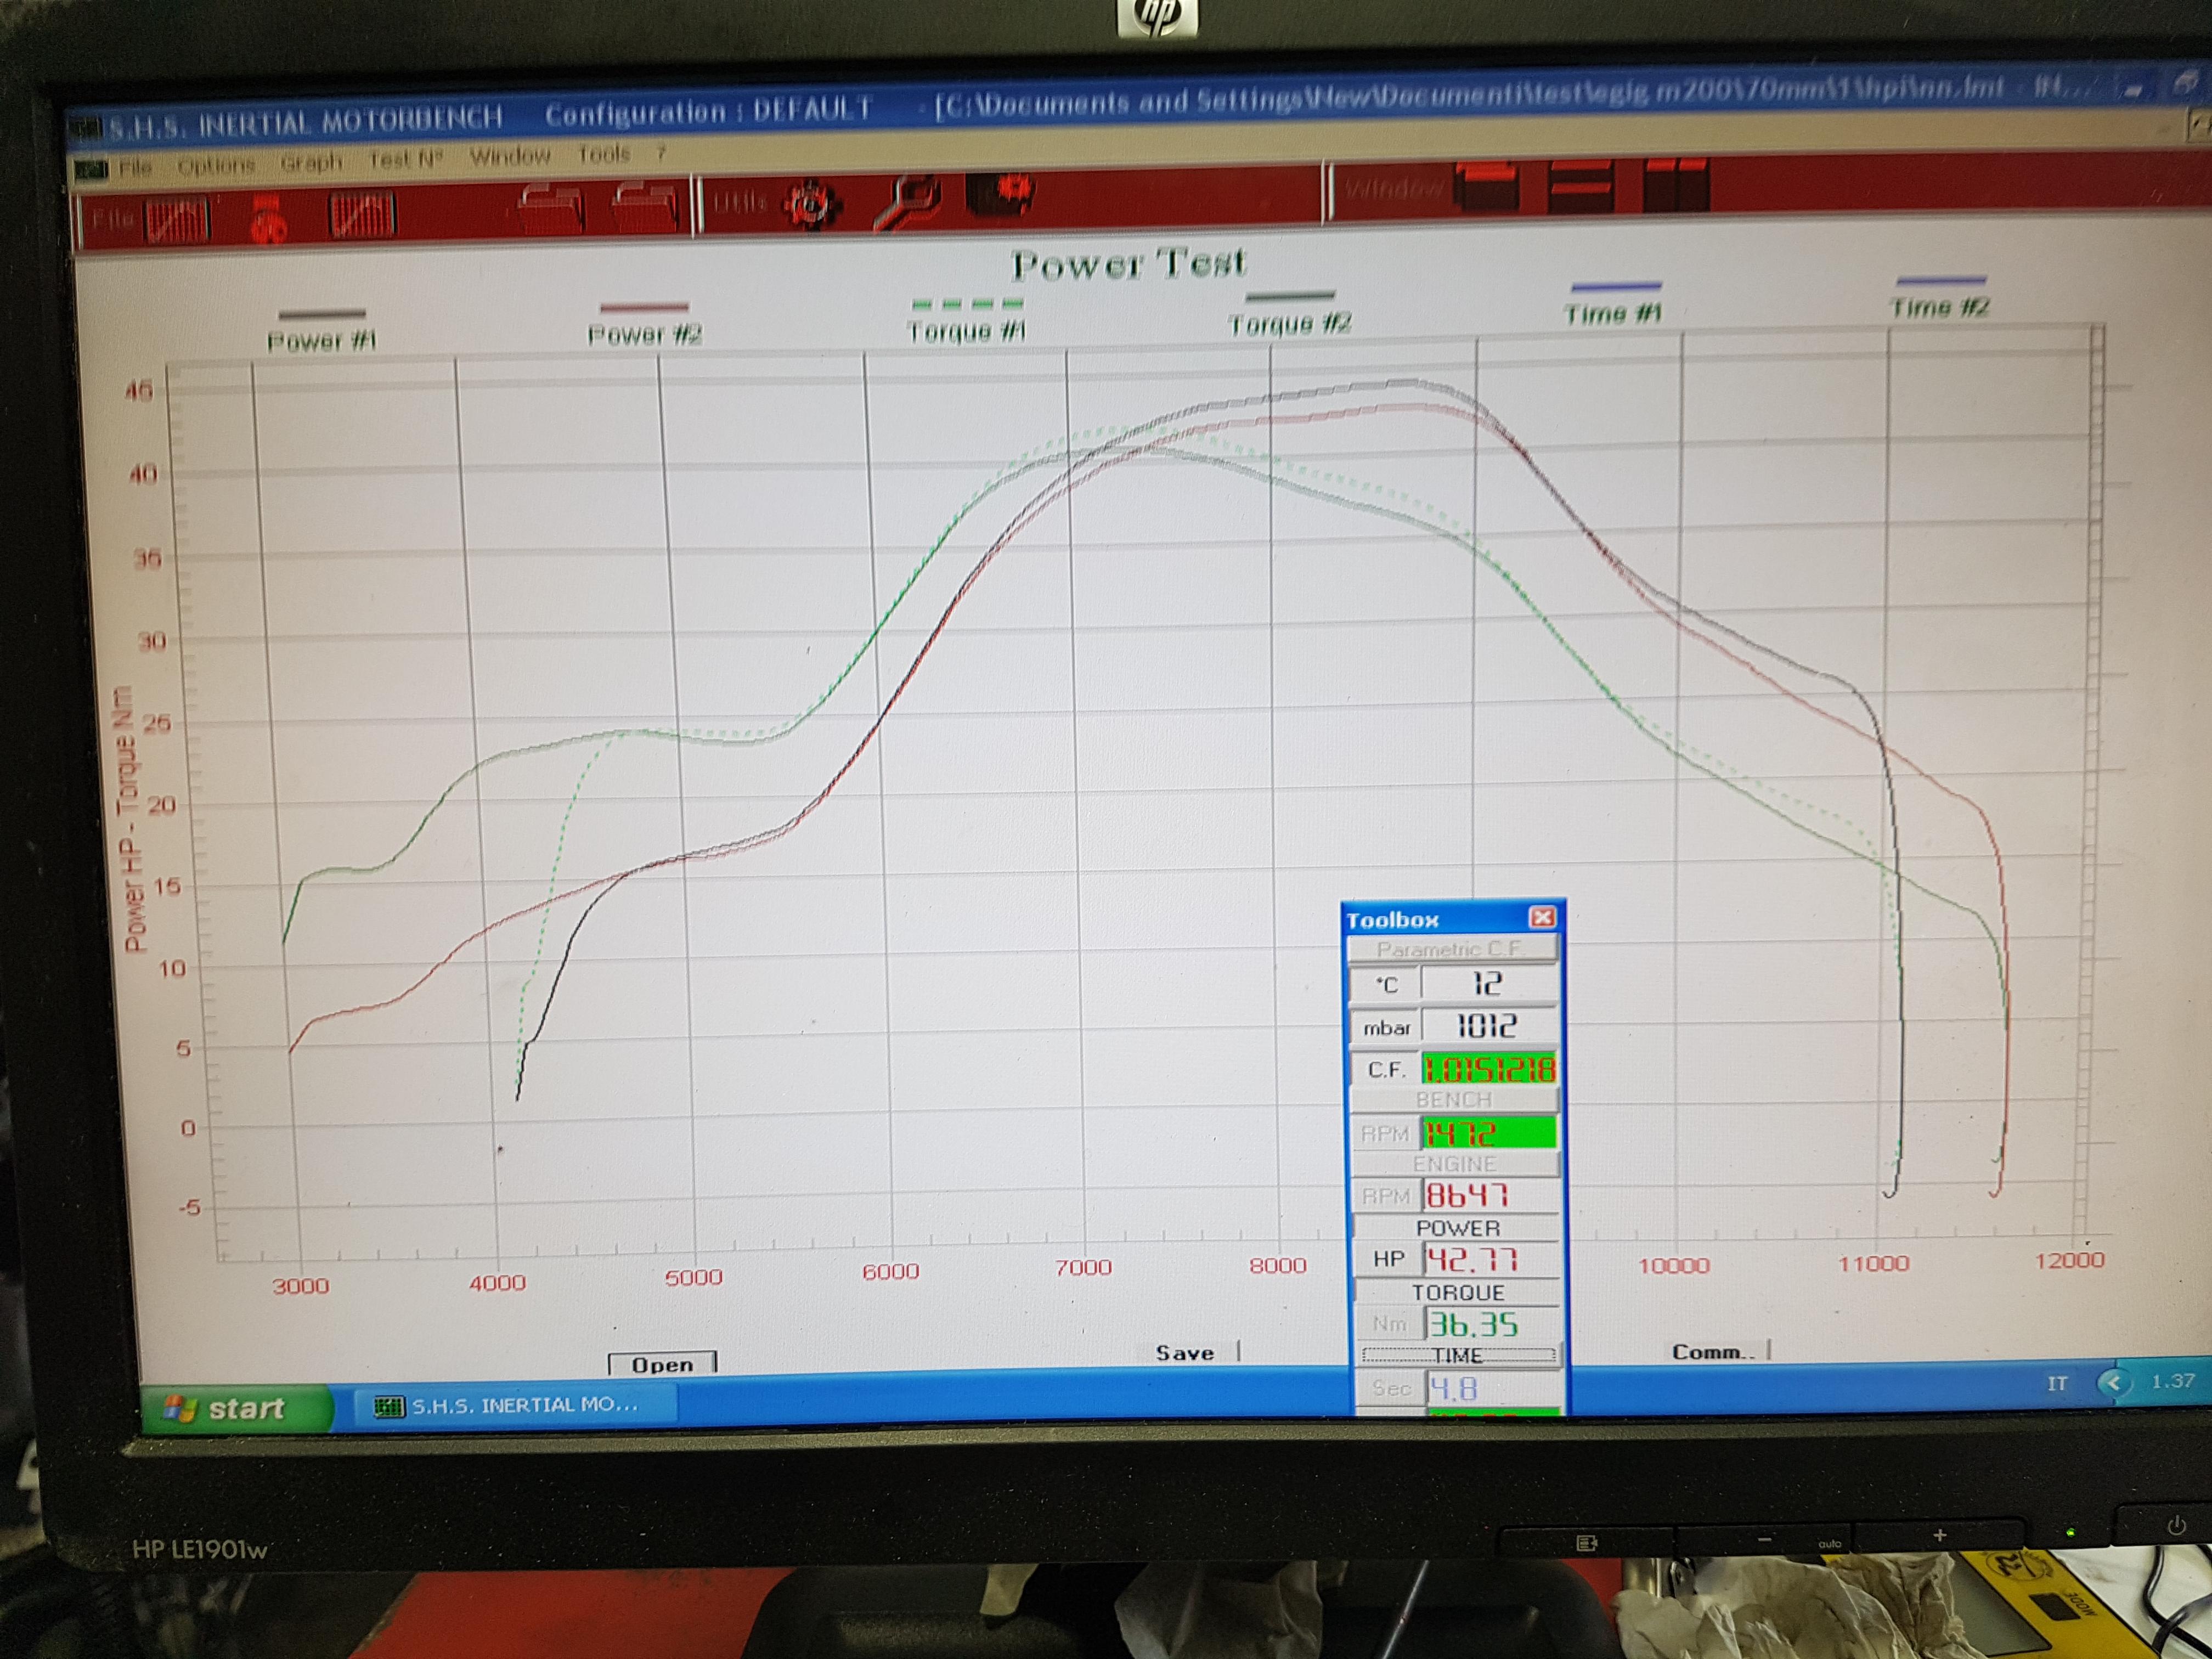 Hpi Minitronic Seite 5 Vespa V50 Primavera Et3 Pk Ets Etc Wiring Diagram 20170401 113808